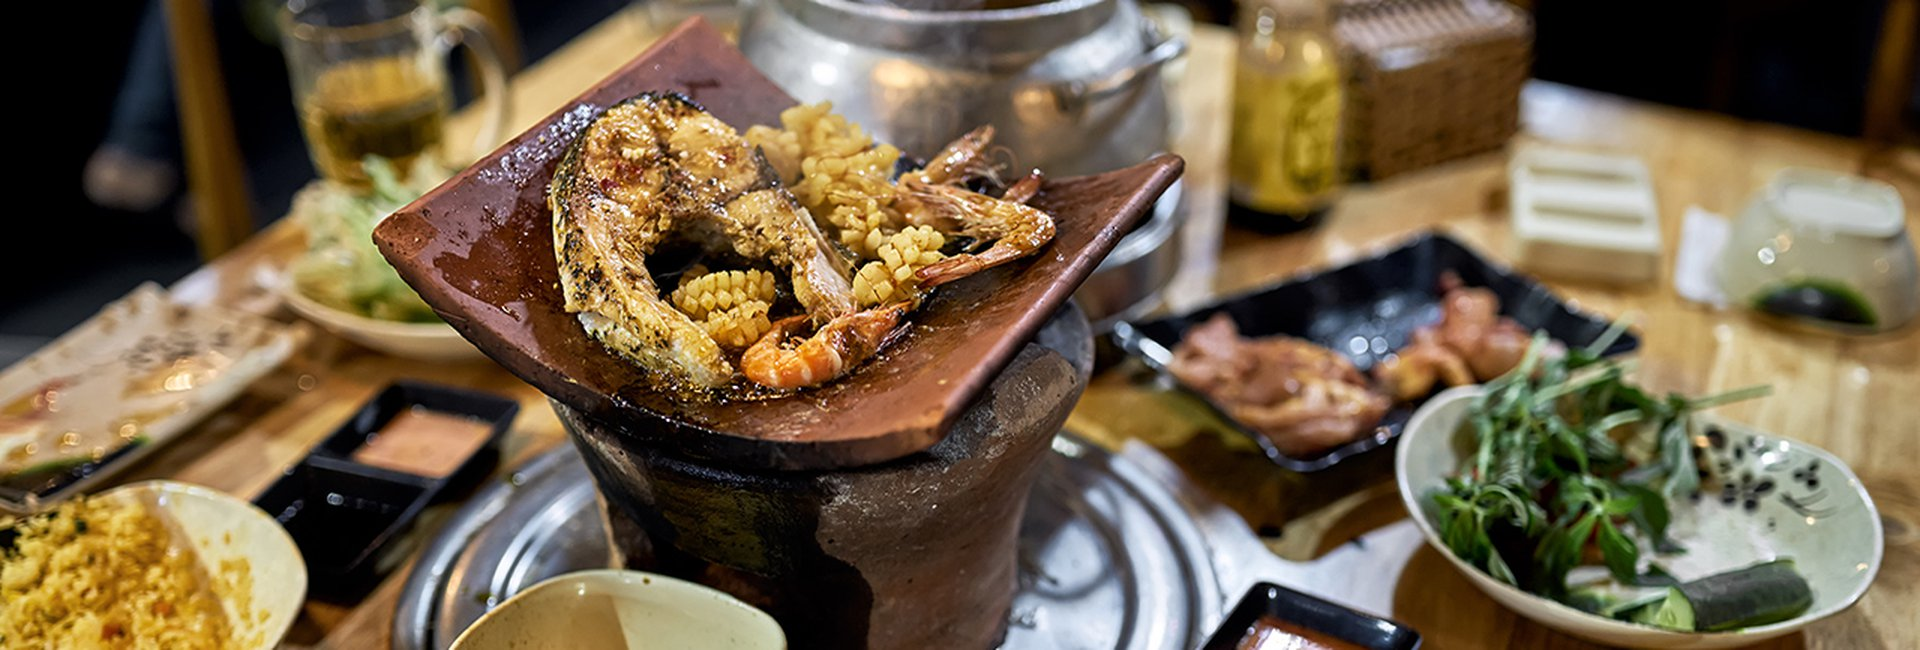 Top 10 quán ăn ngon nhất ở huyện Nhà Bè, Sài Gòn